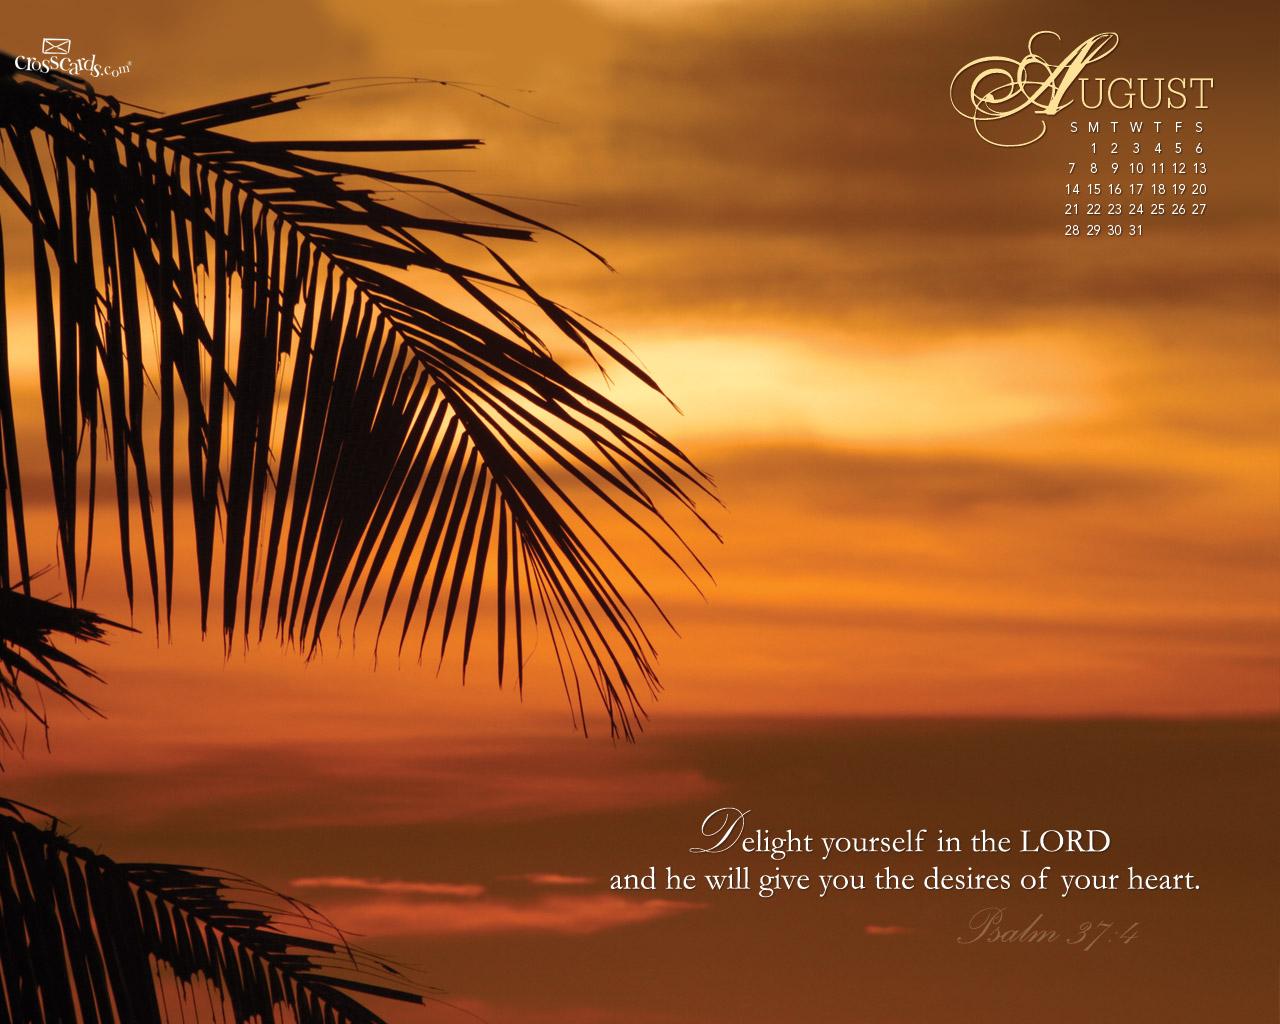 Christian Wallpapers Christian Desktop Calendar Wallpapers 1280x1024